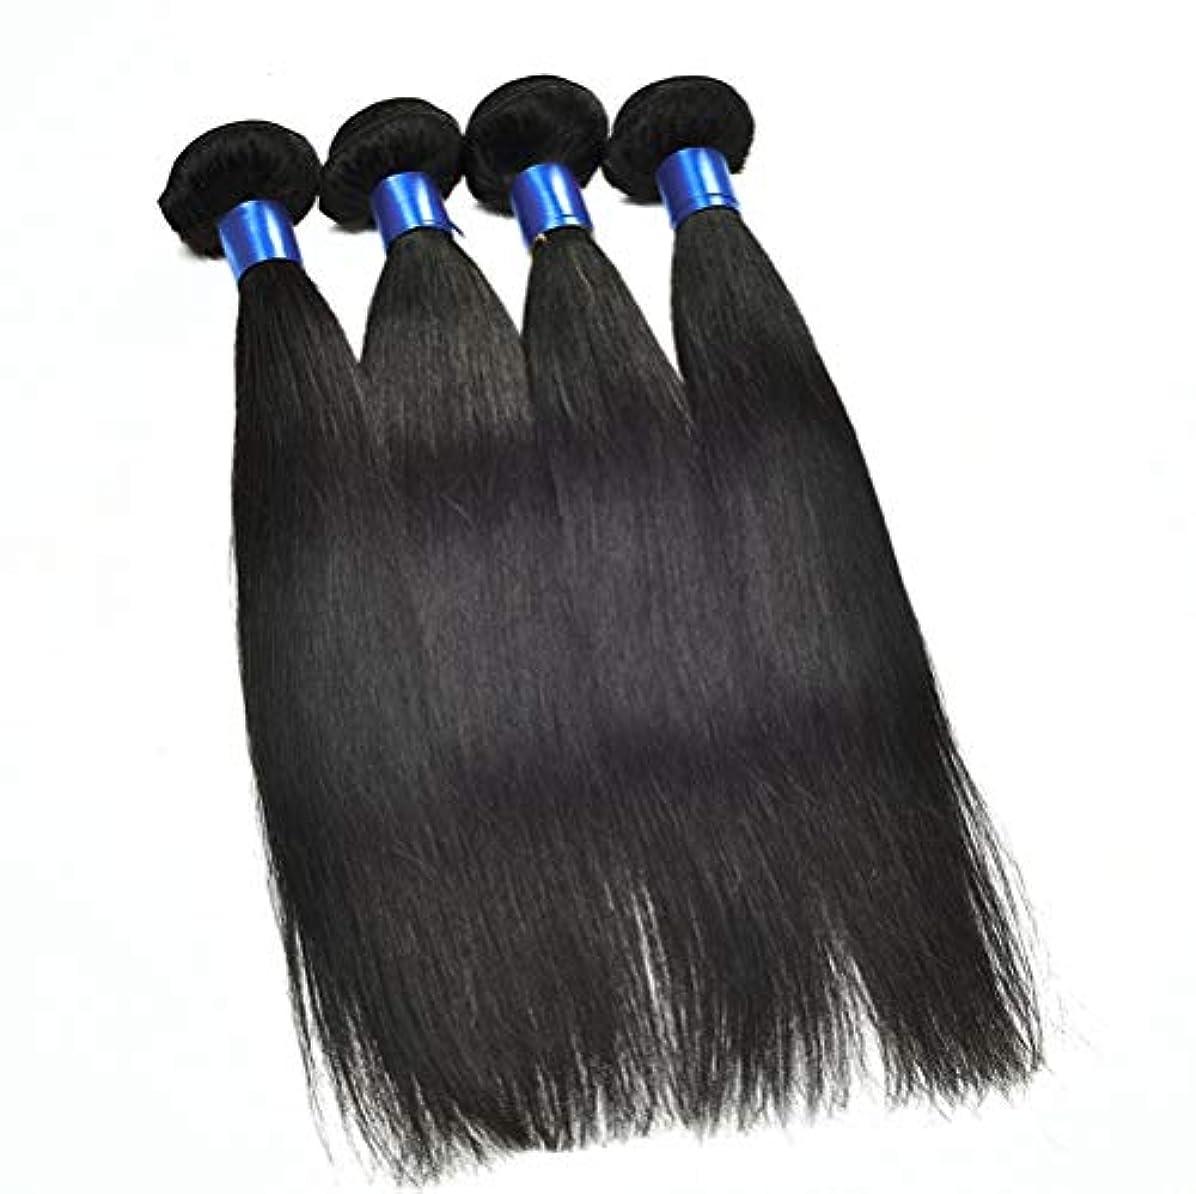 ケーブル特徴四面体150%密度未処理ブラジル髪バンドルブラジルストレートヘア1バンドル8aストレート人間の髪の毛を編む女性の髪